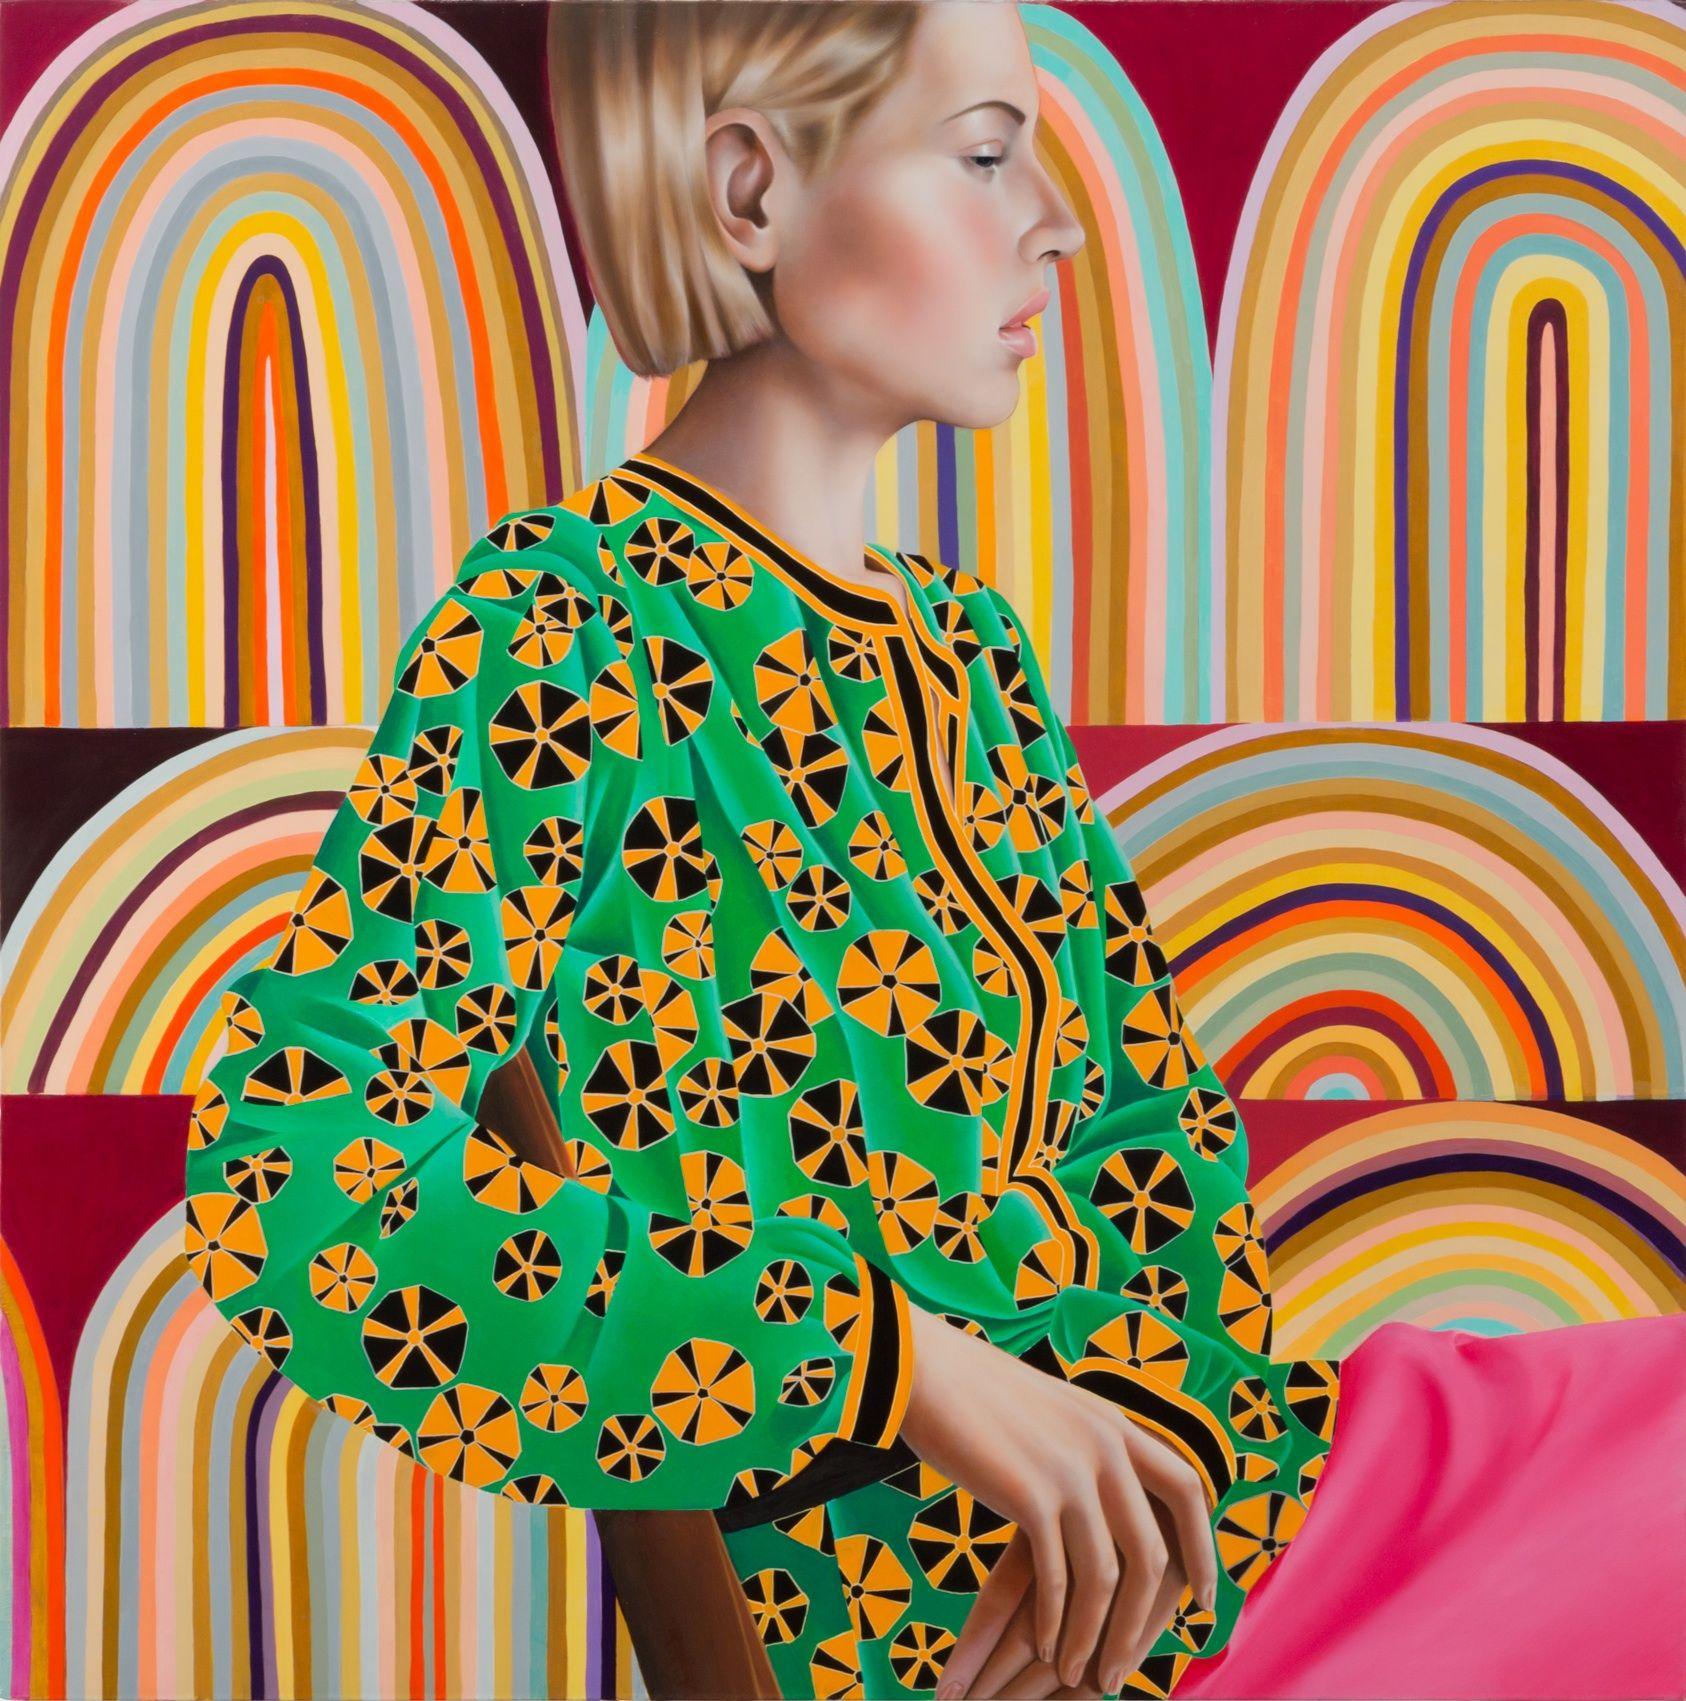 Jocelyn Hobbie, Rose/Gold, 2015